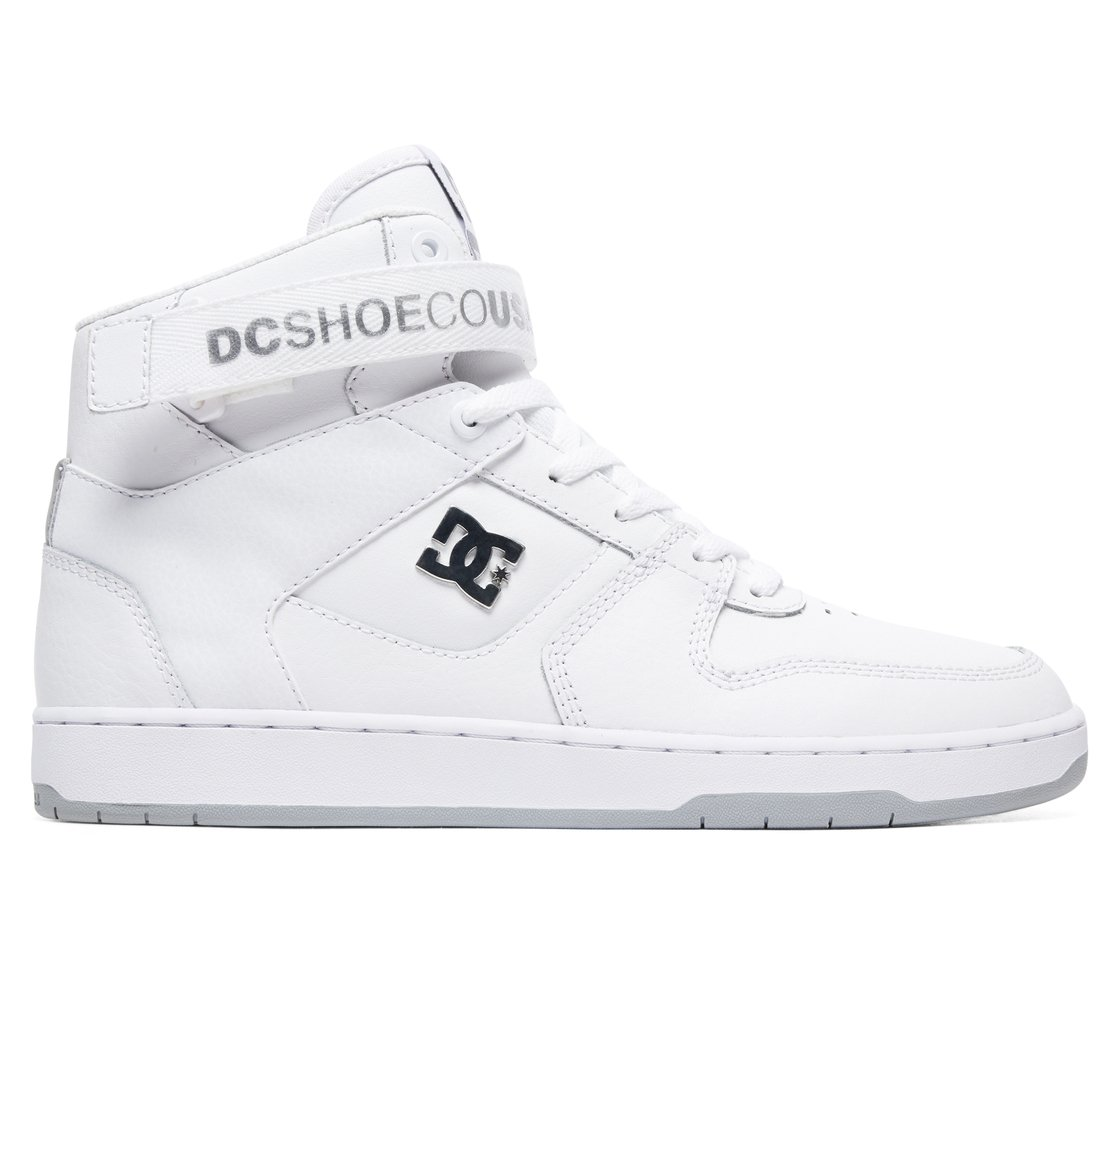 DC Shoes™ Pensford - Schuhe für Männer ADYS400038